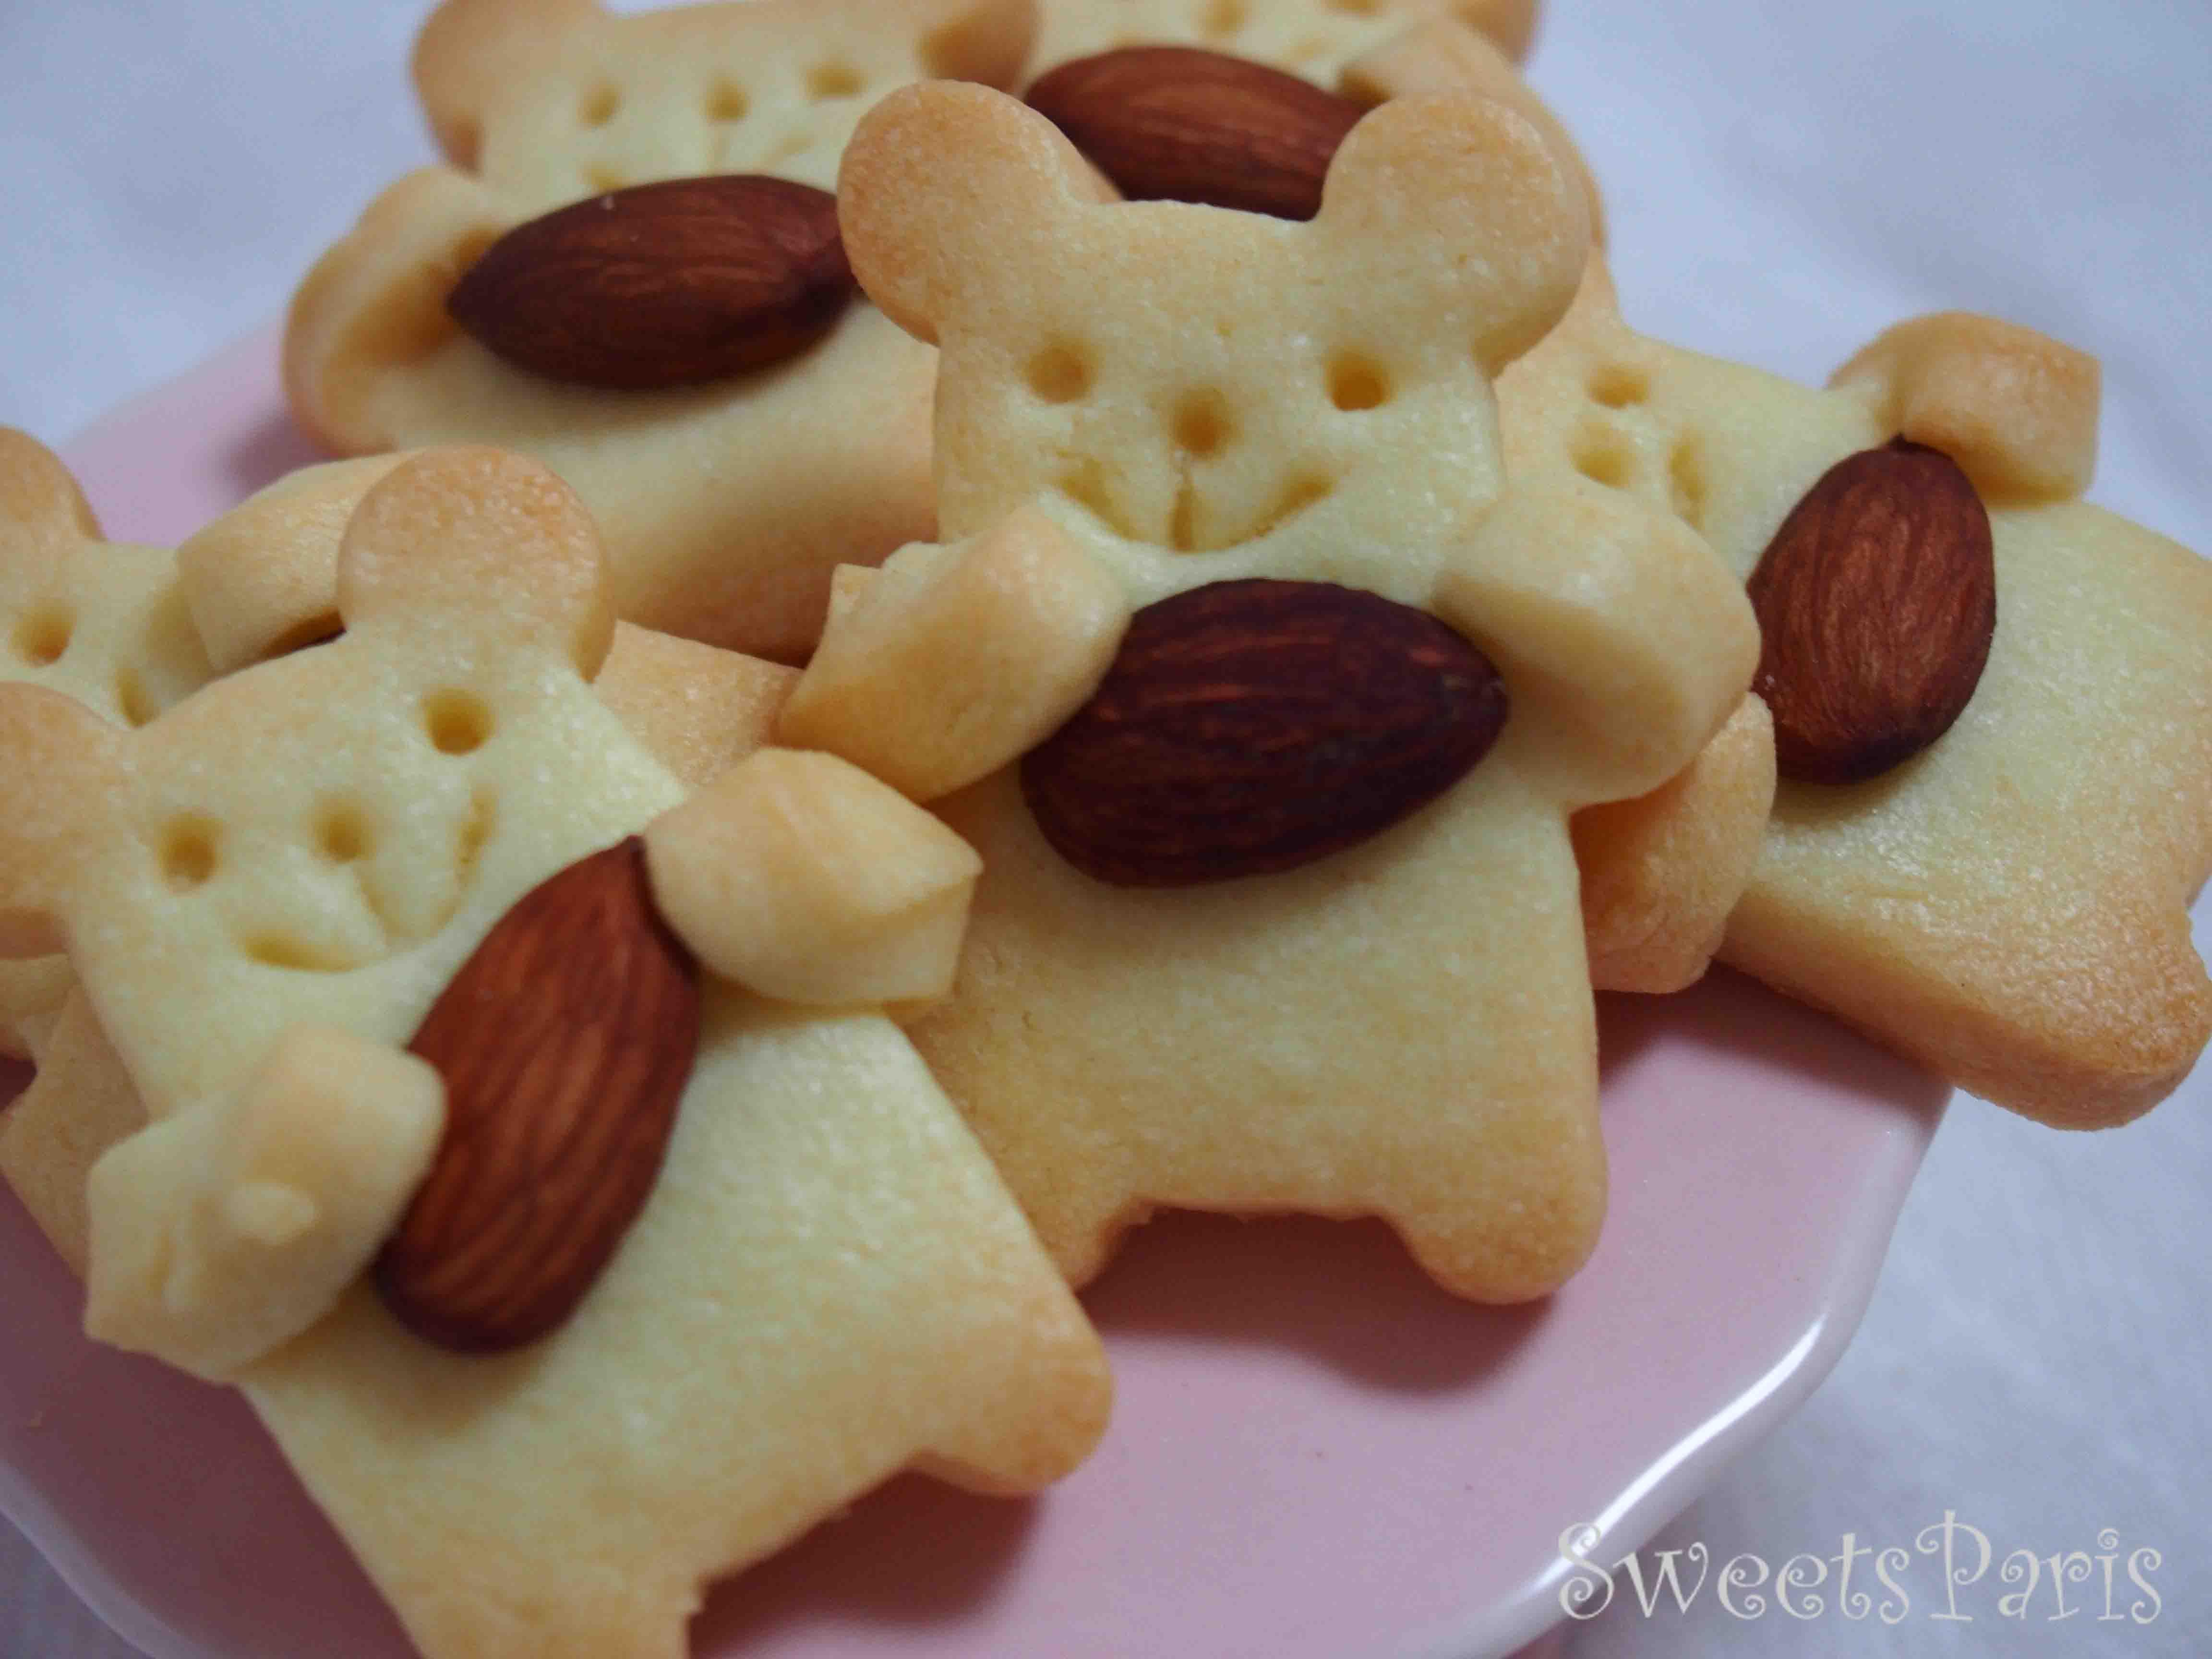 プレゼントに最適!くまの型抜きクッキーの作りかた*Recette de Sablé